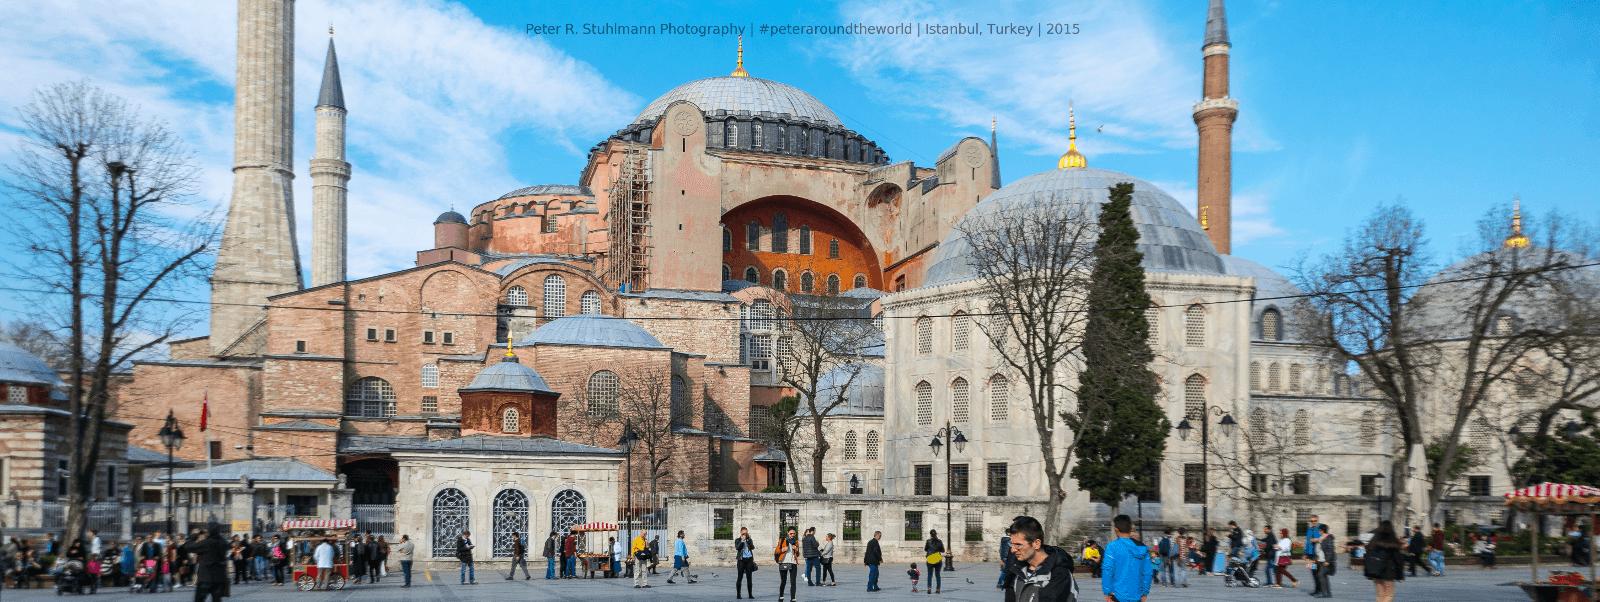 Istanbul Sehenswürdigkeiten: Die 1500 Jahre alte Hagia Sophia ist architektonische Meisterleistung und beeindruckt bis heute.